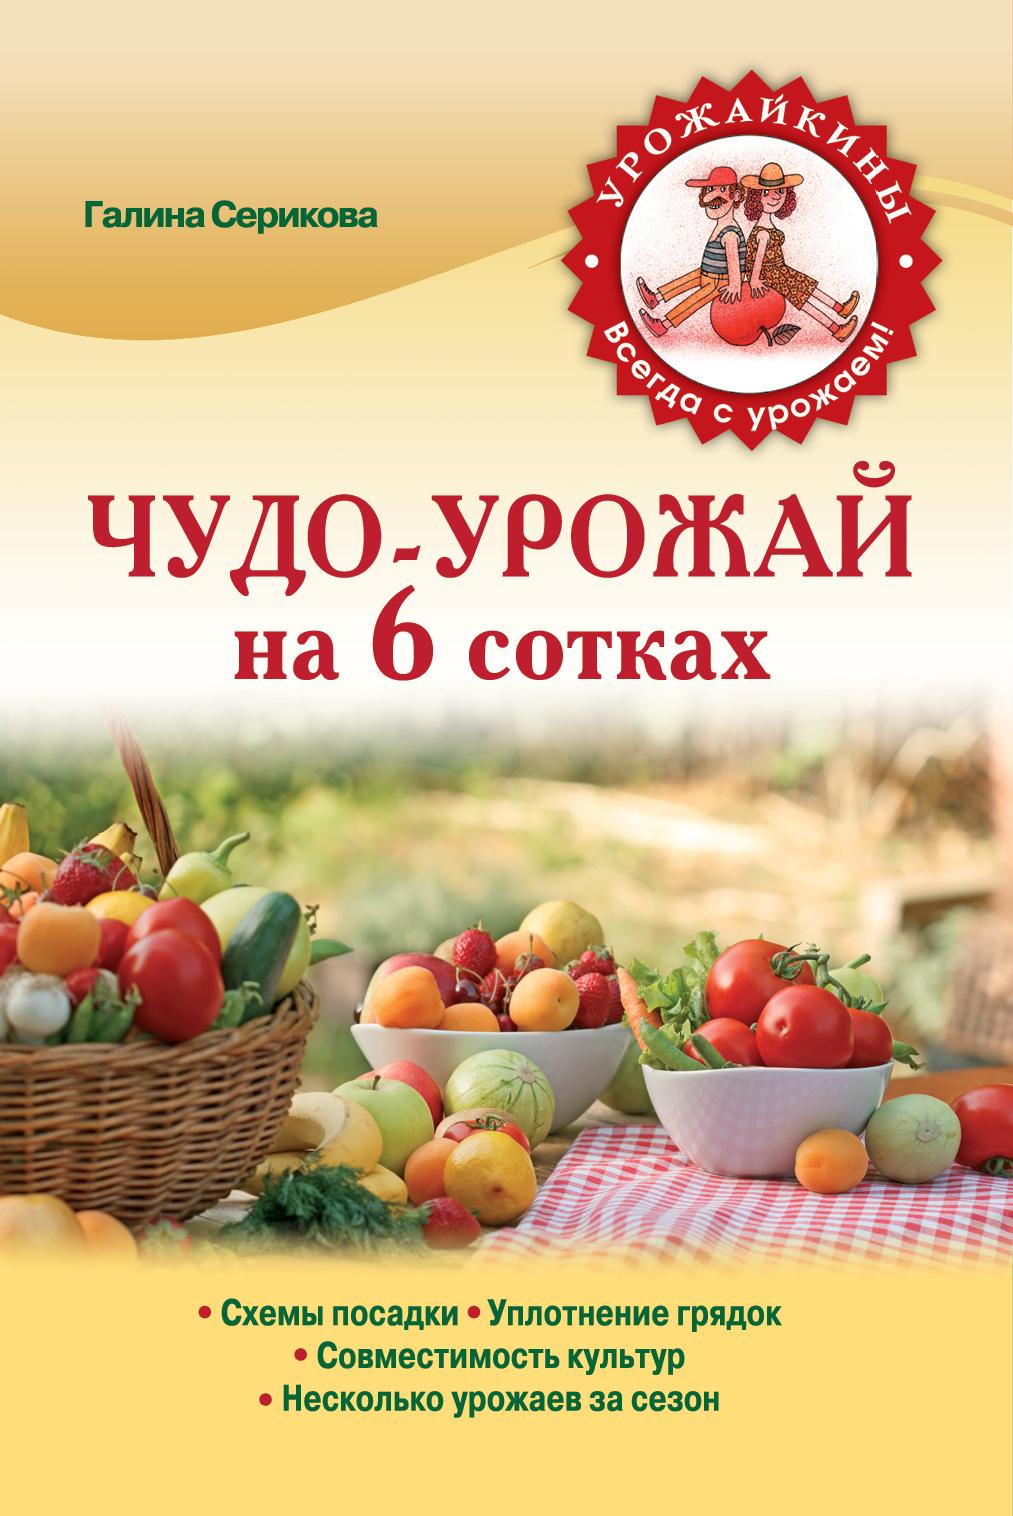 Серикова Г.А. Чудо-урожай на 6 сотках (Урожайкины. Всегда с урожаем (обложка)) галина серикова чудо урожай на 6 сотках